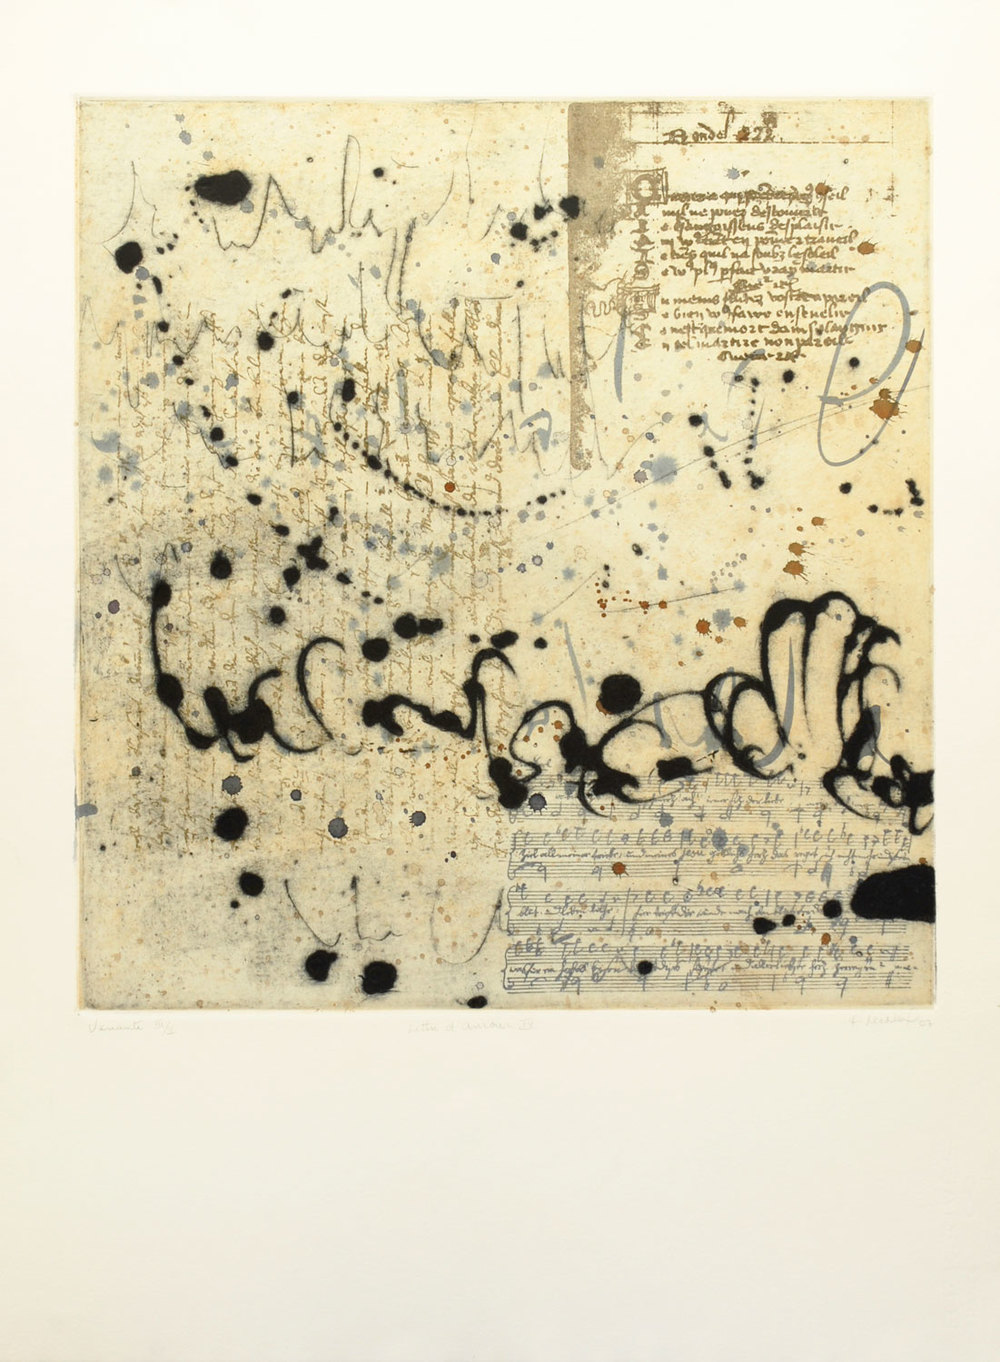 lettre d'amour IV, 76 x 56 cm